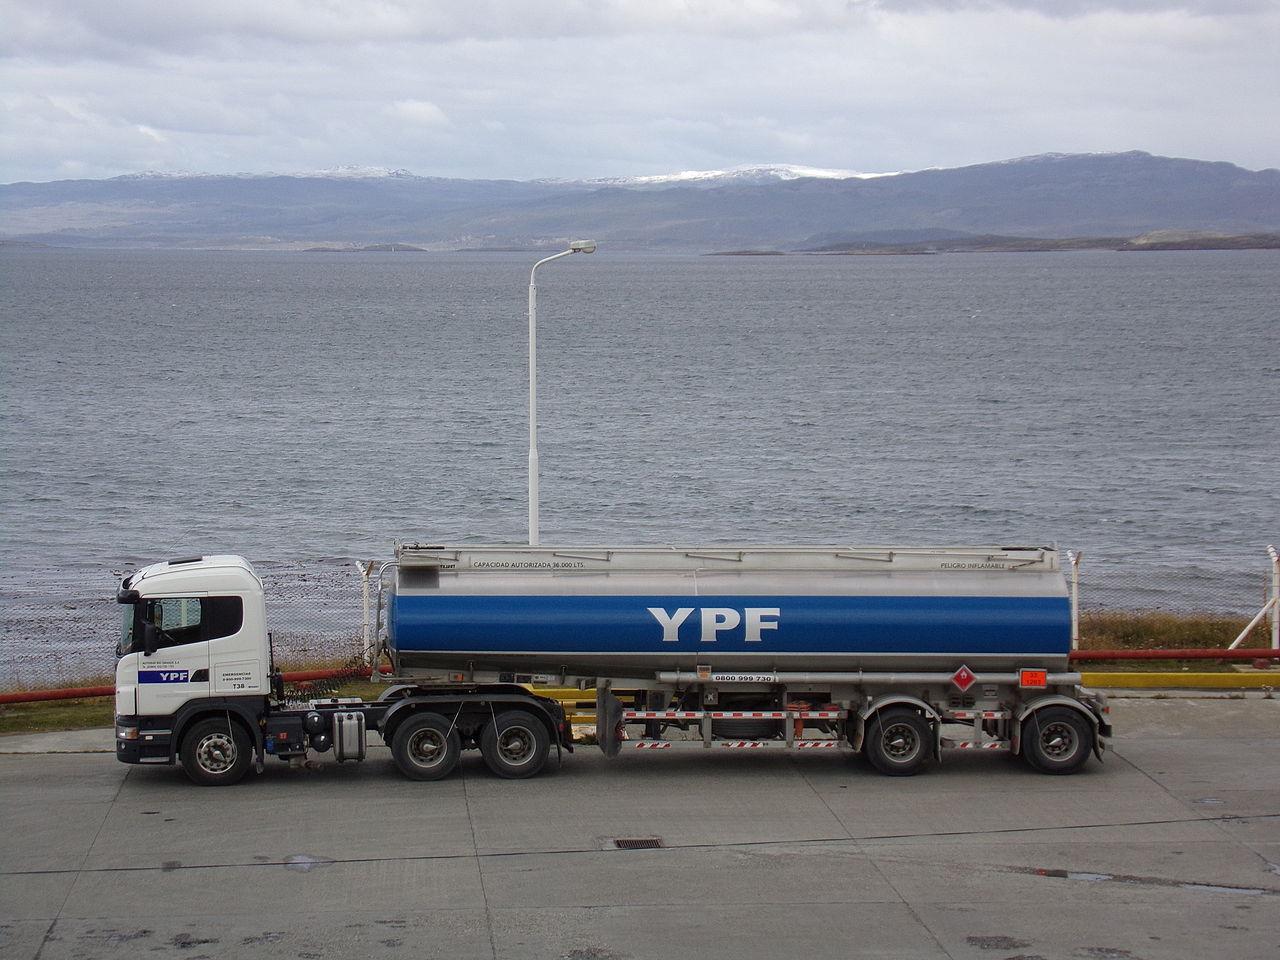 La patagonia finalmente recupera un beneficio perdido en el tiempo. NAFTA-SUR